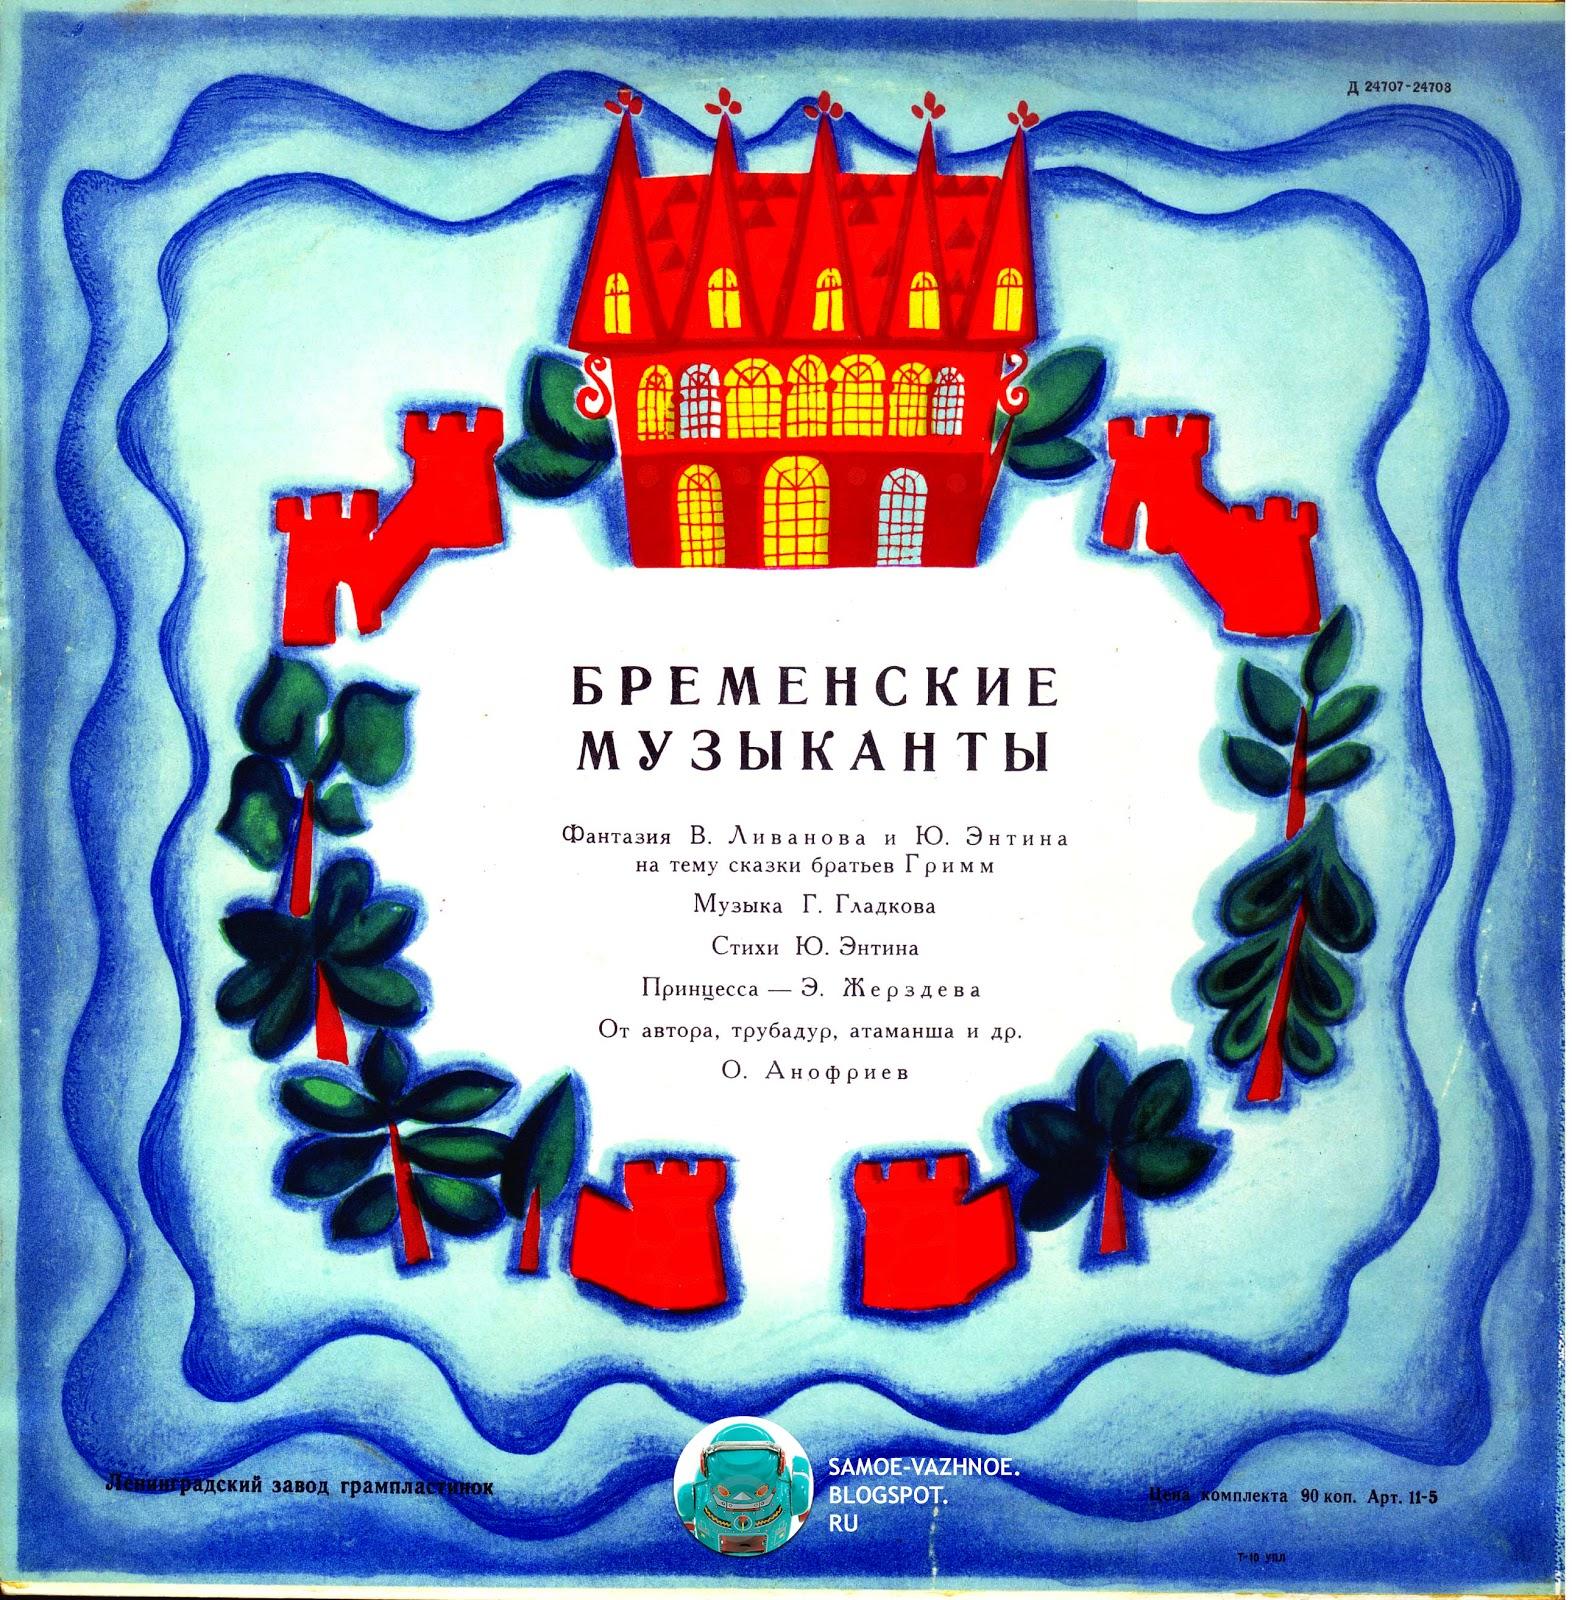 Утро, открытка приглашение на праздник бременские музыканты